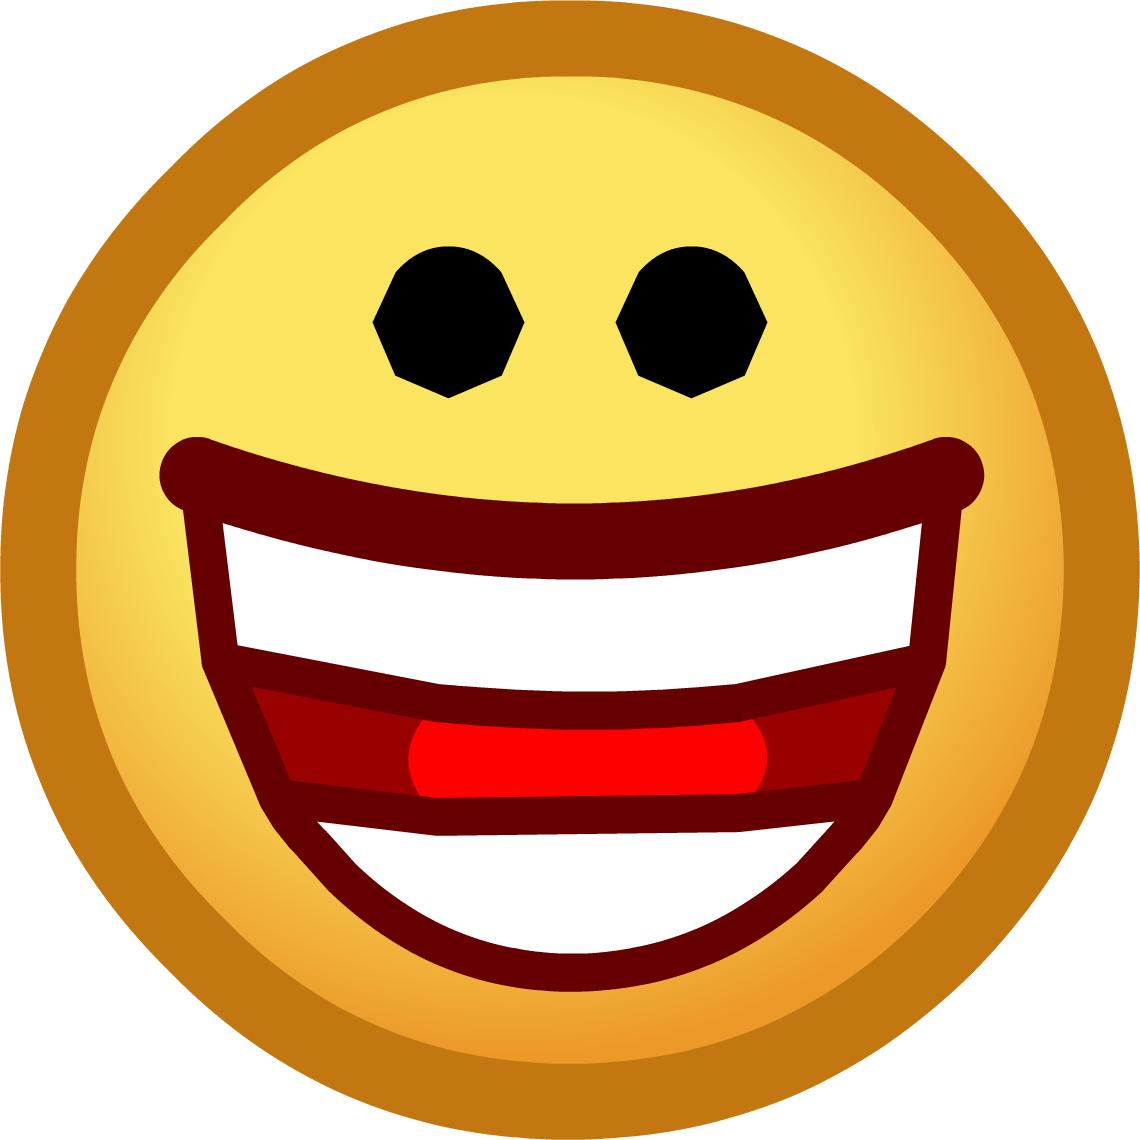 1140x1140 List Of Emoticons Club Penguin Wiki Fandom Powered By Wikia